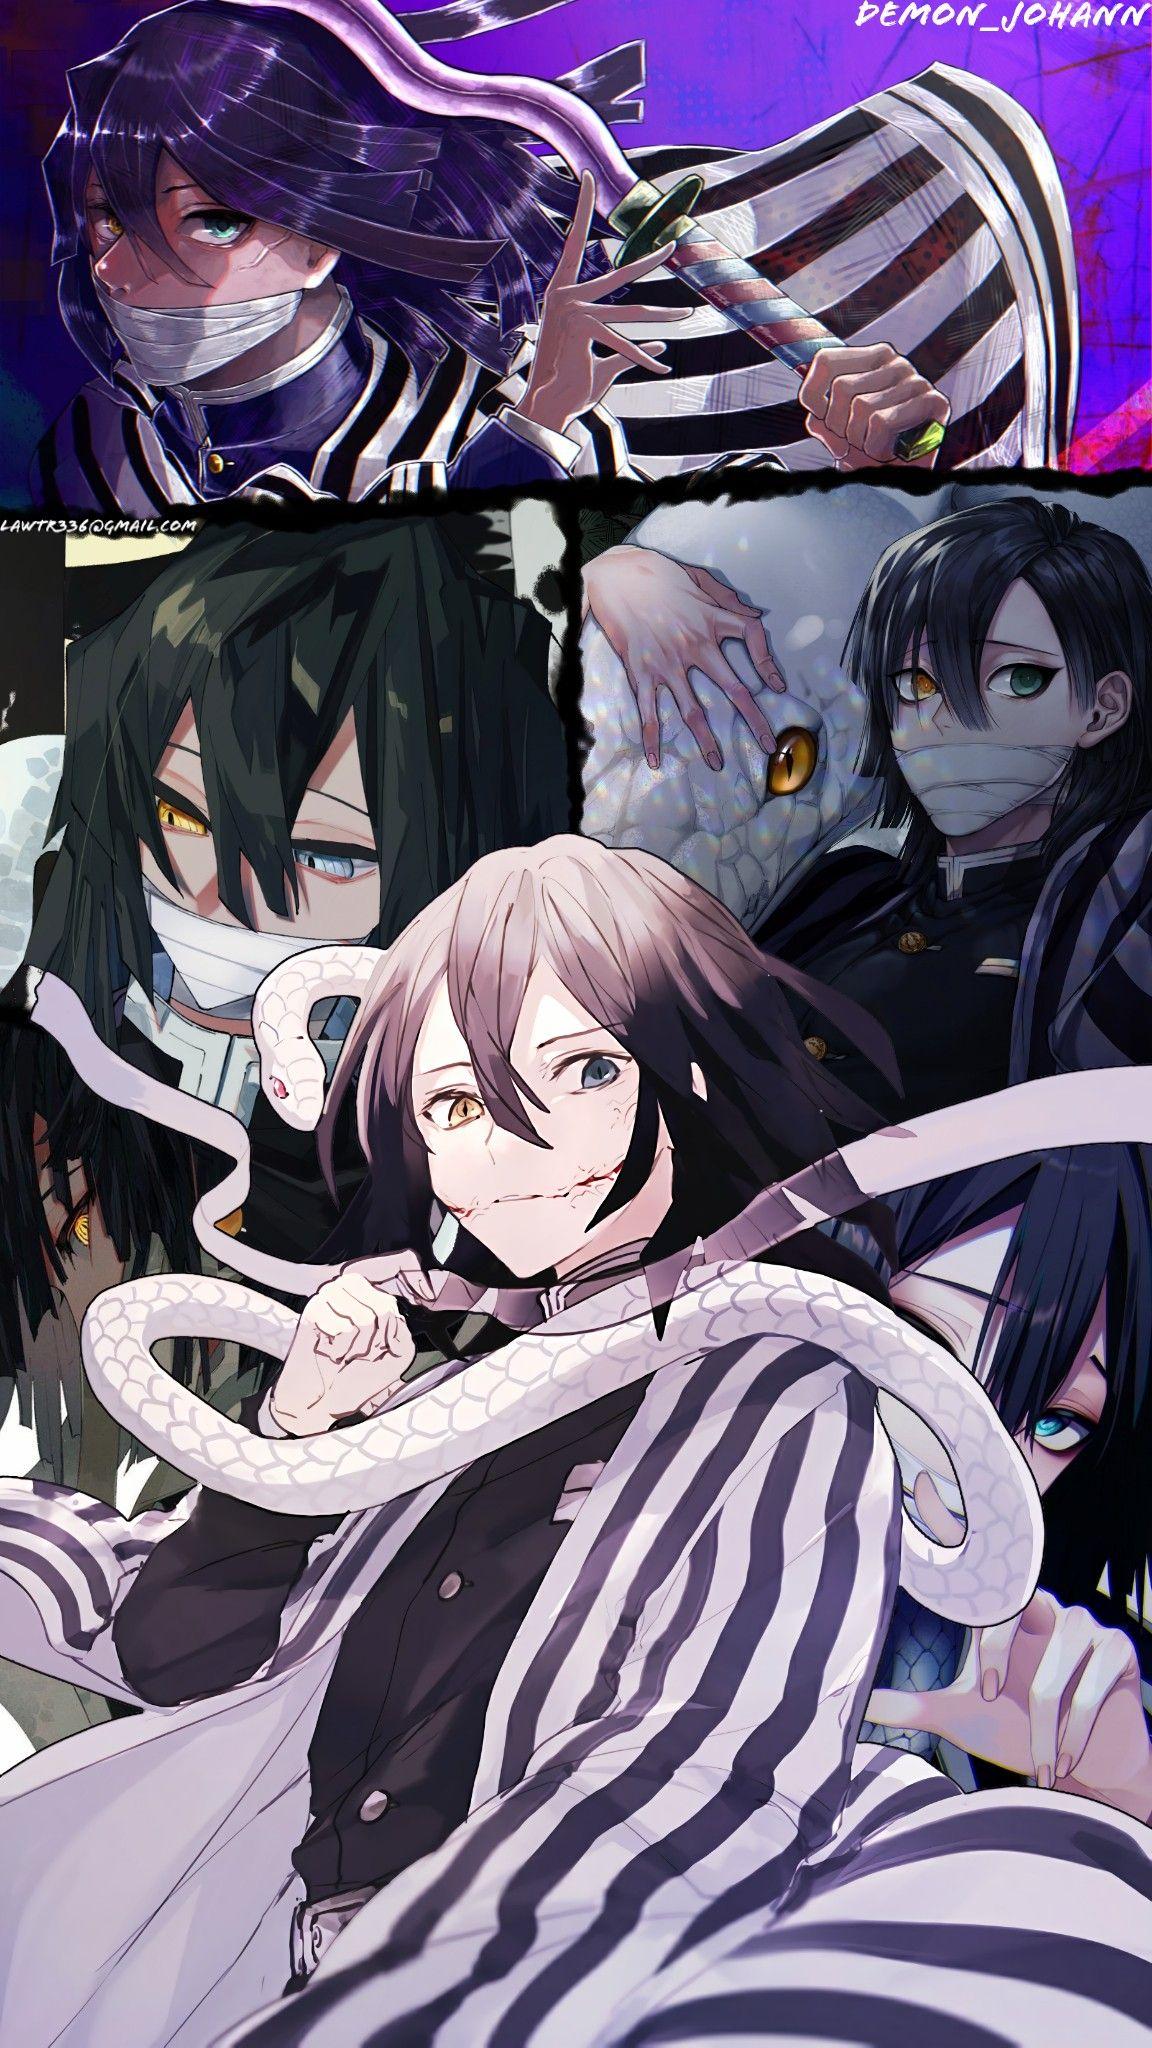 Obanai Iguro Kimetsu No Yaiba In 2020 Anime Demon Anime Wallpaper Slayer Anime